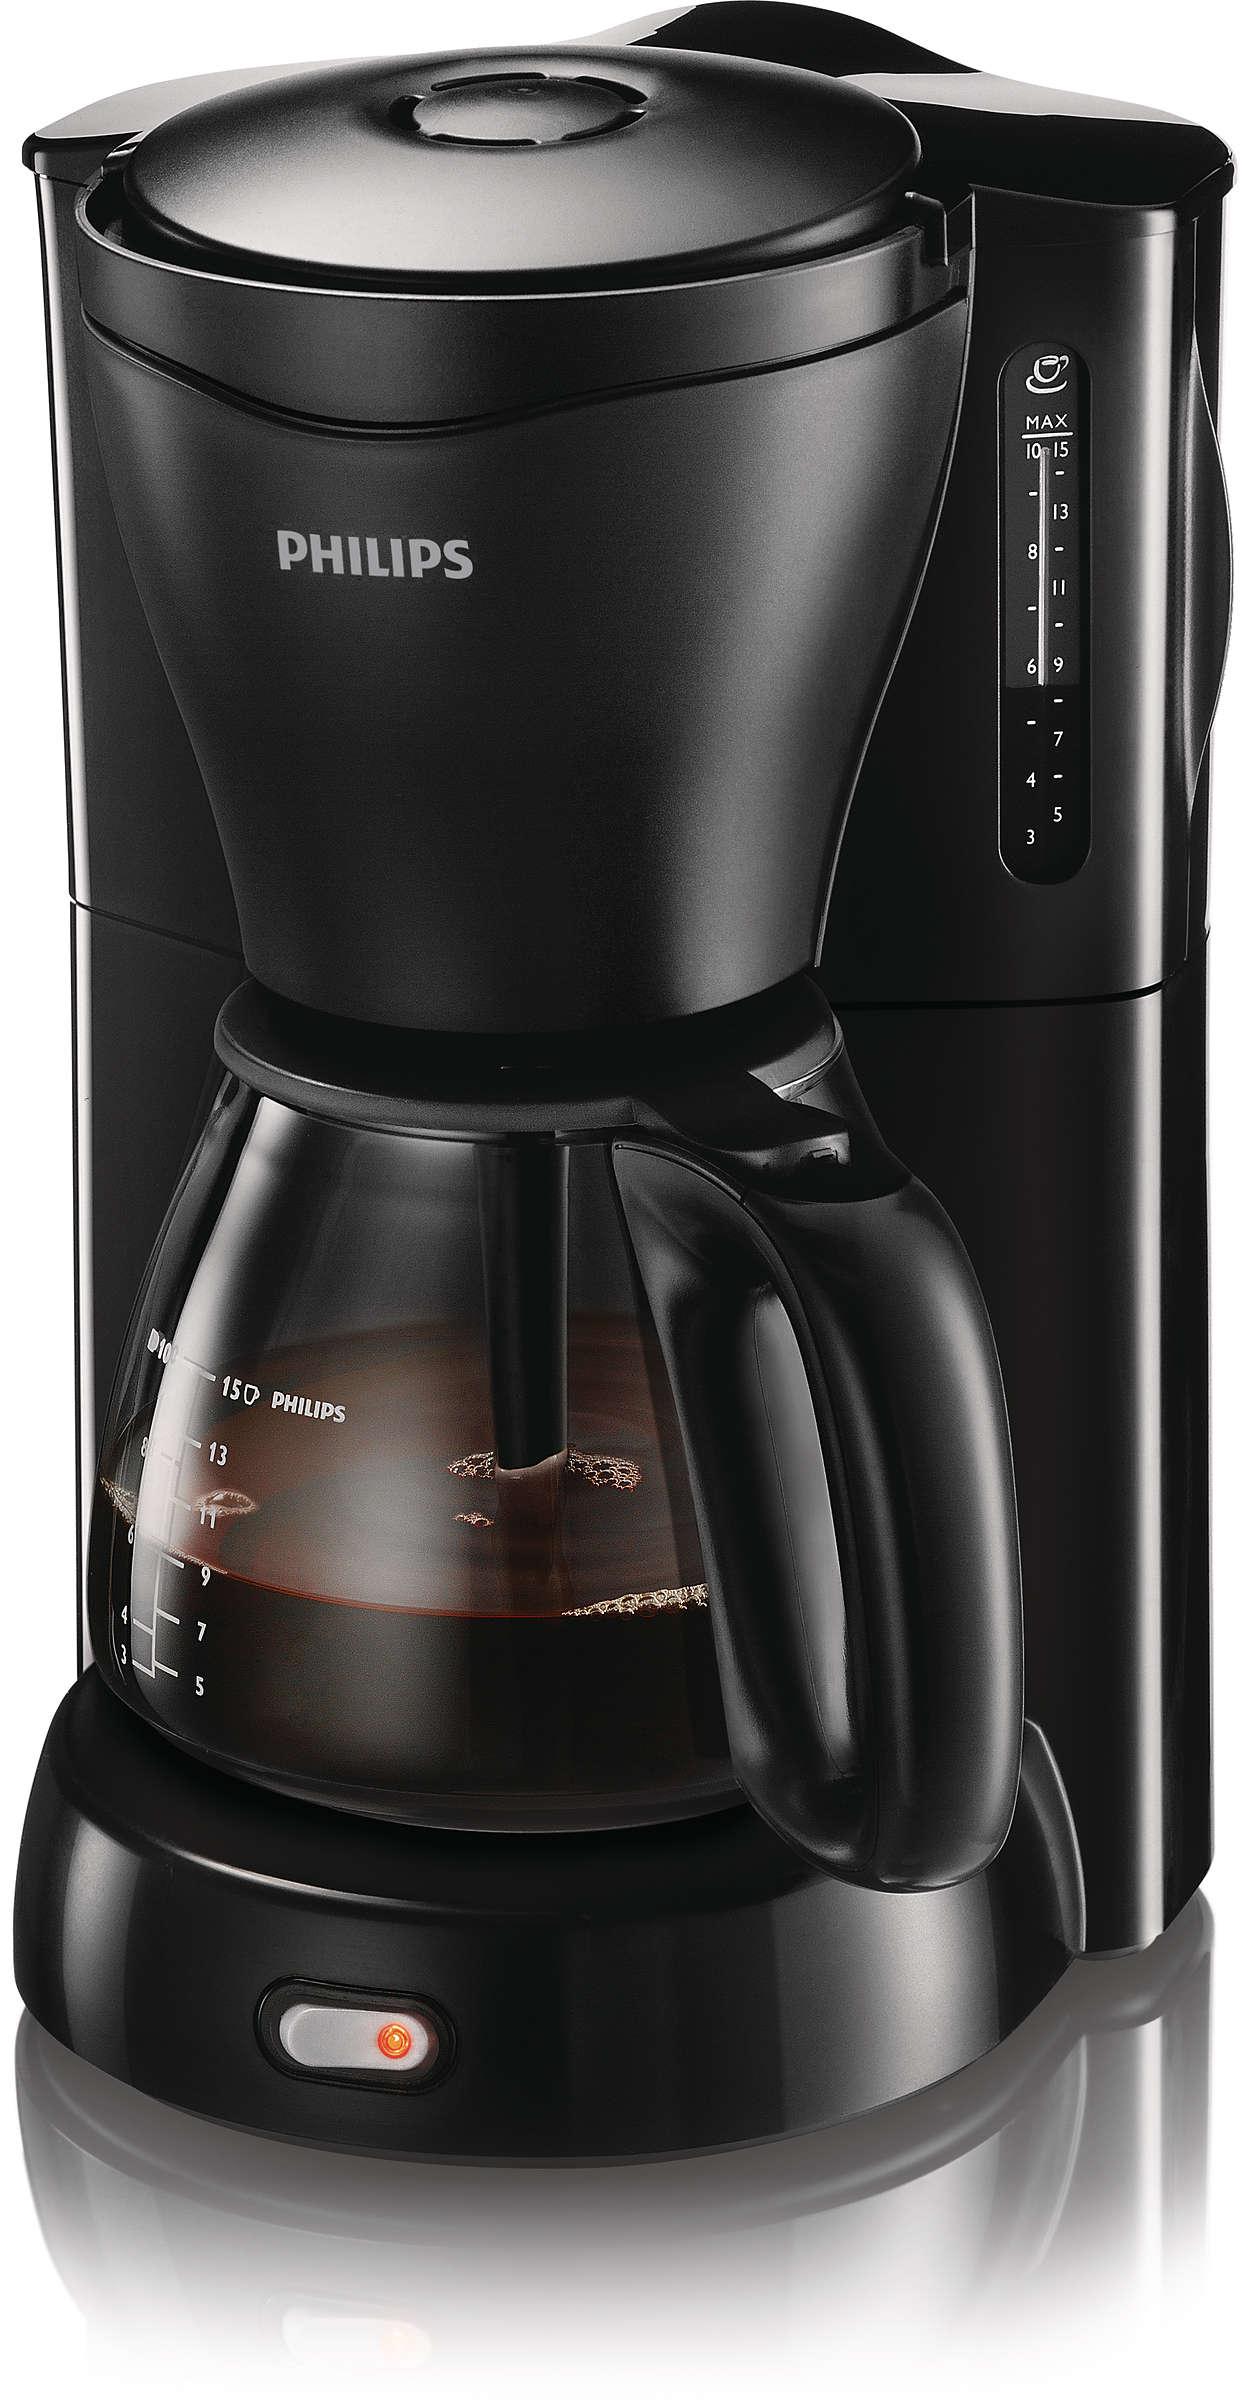 Fantastisk kaffe til siste dråpe